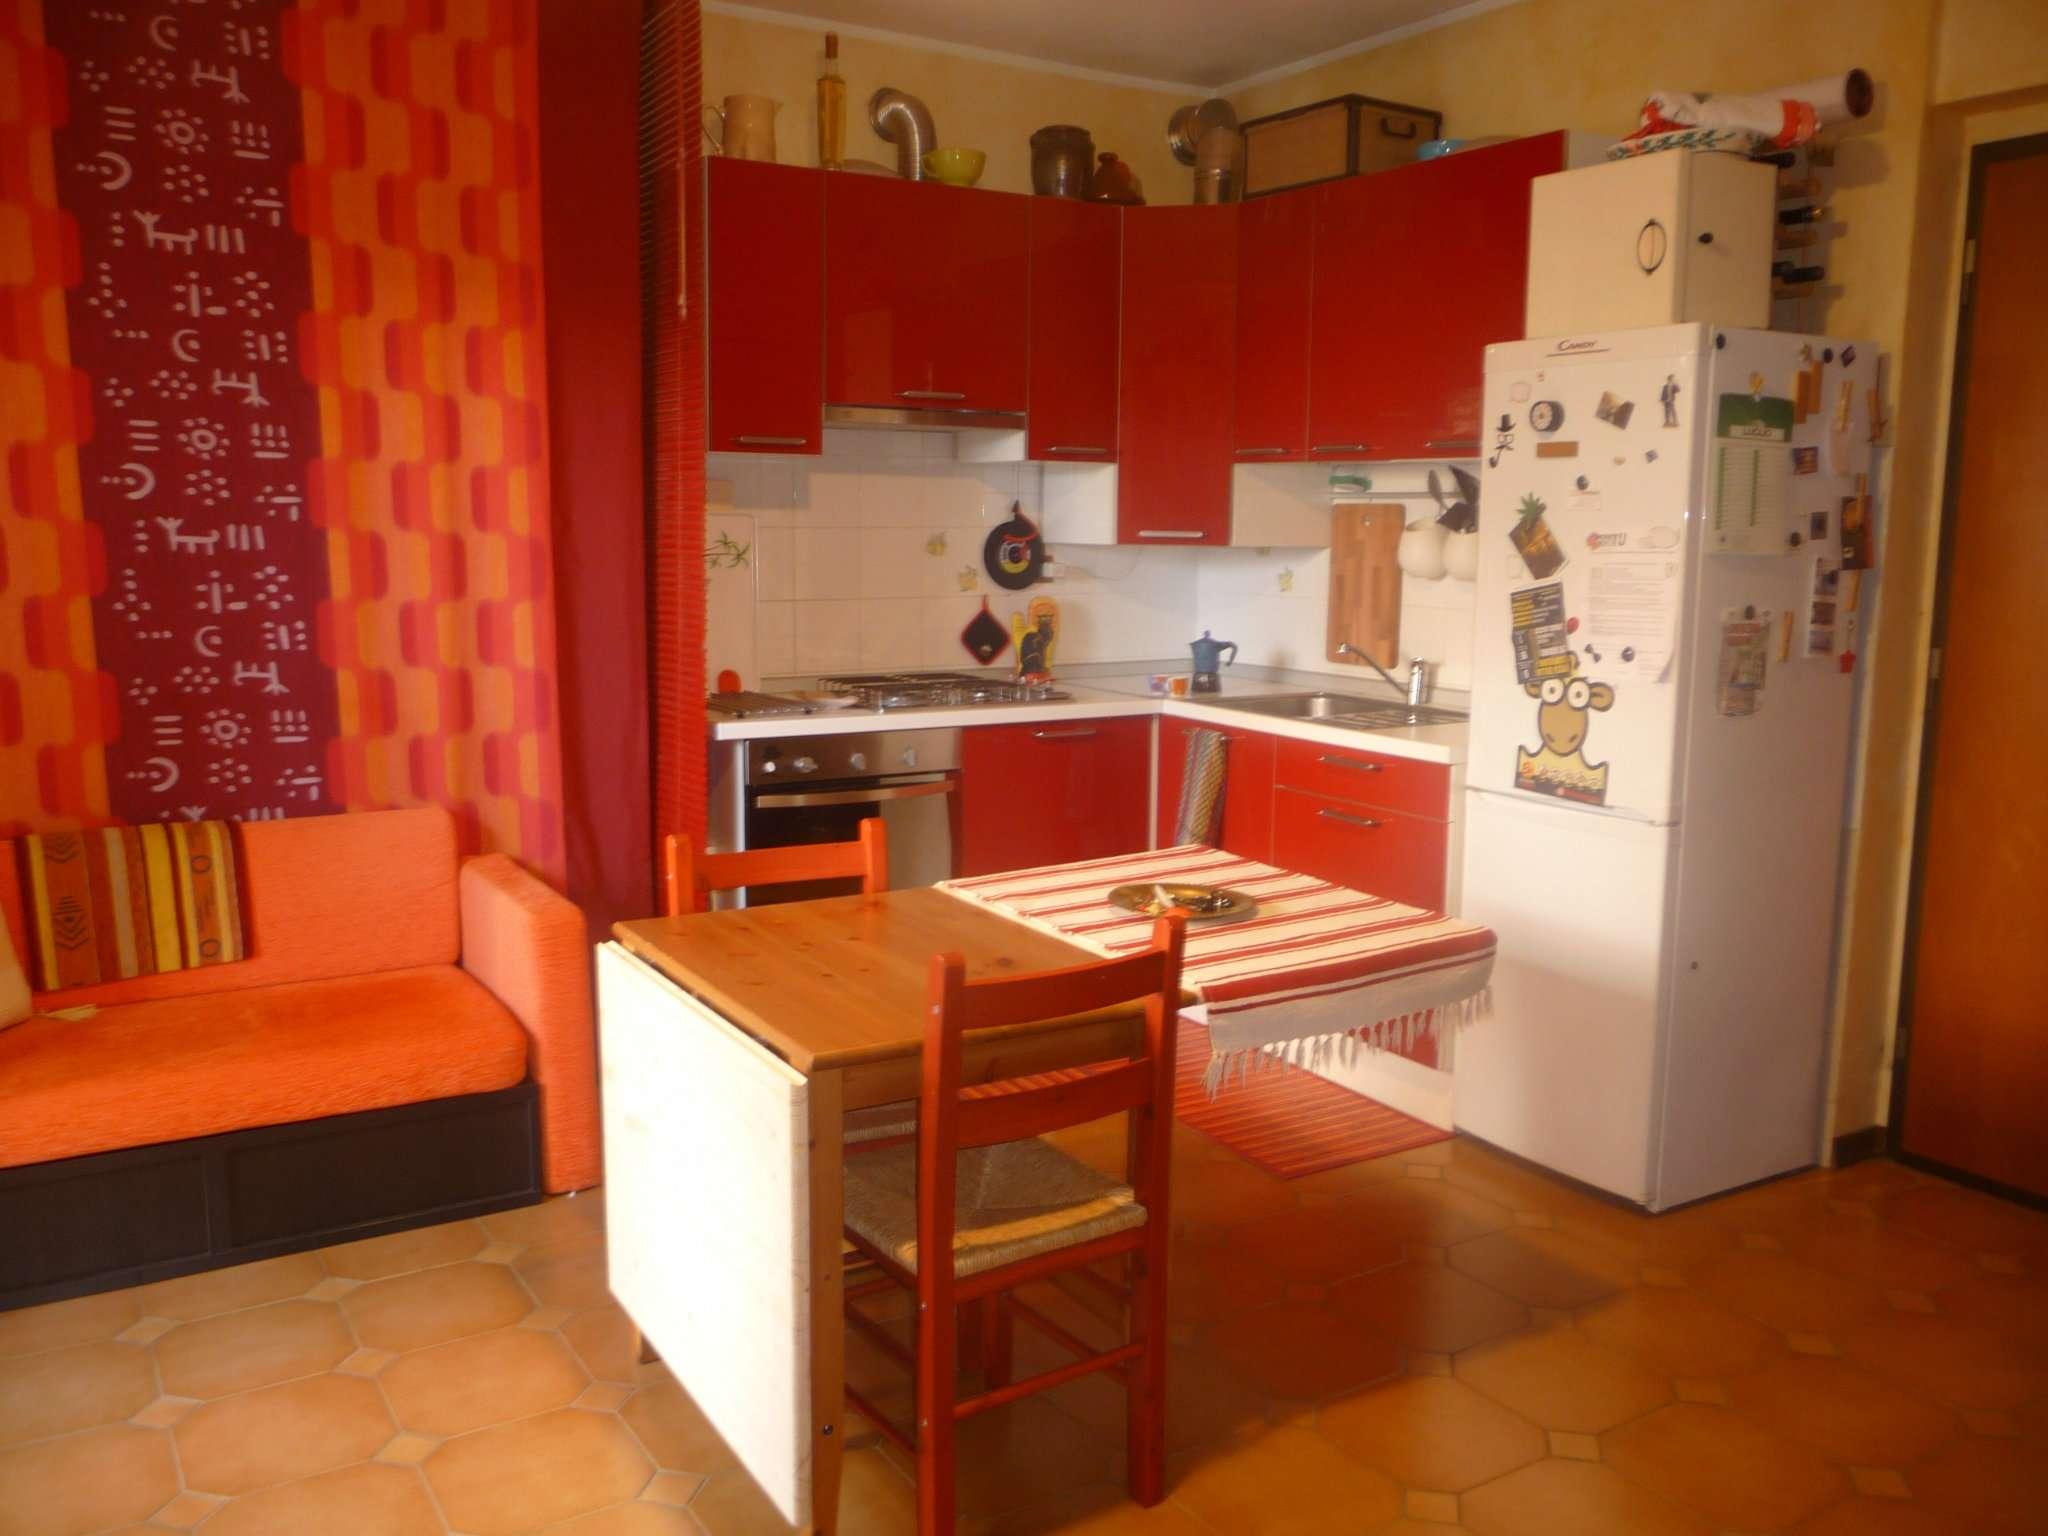 Appartamento in vendita a Grugliasco, 2 locali, prezzo € 89.000 | CambioCasa.it